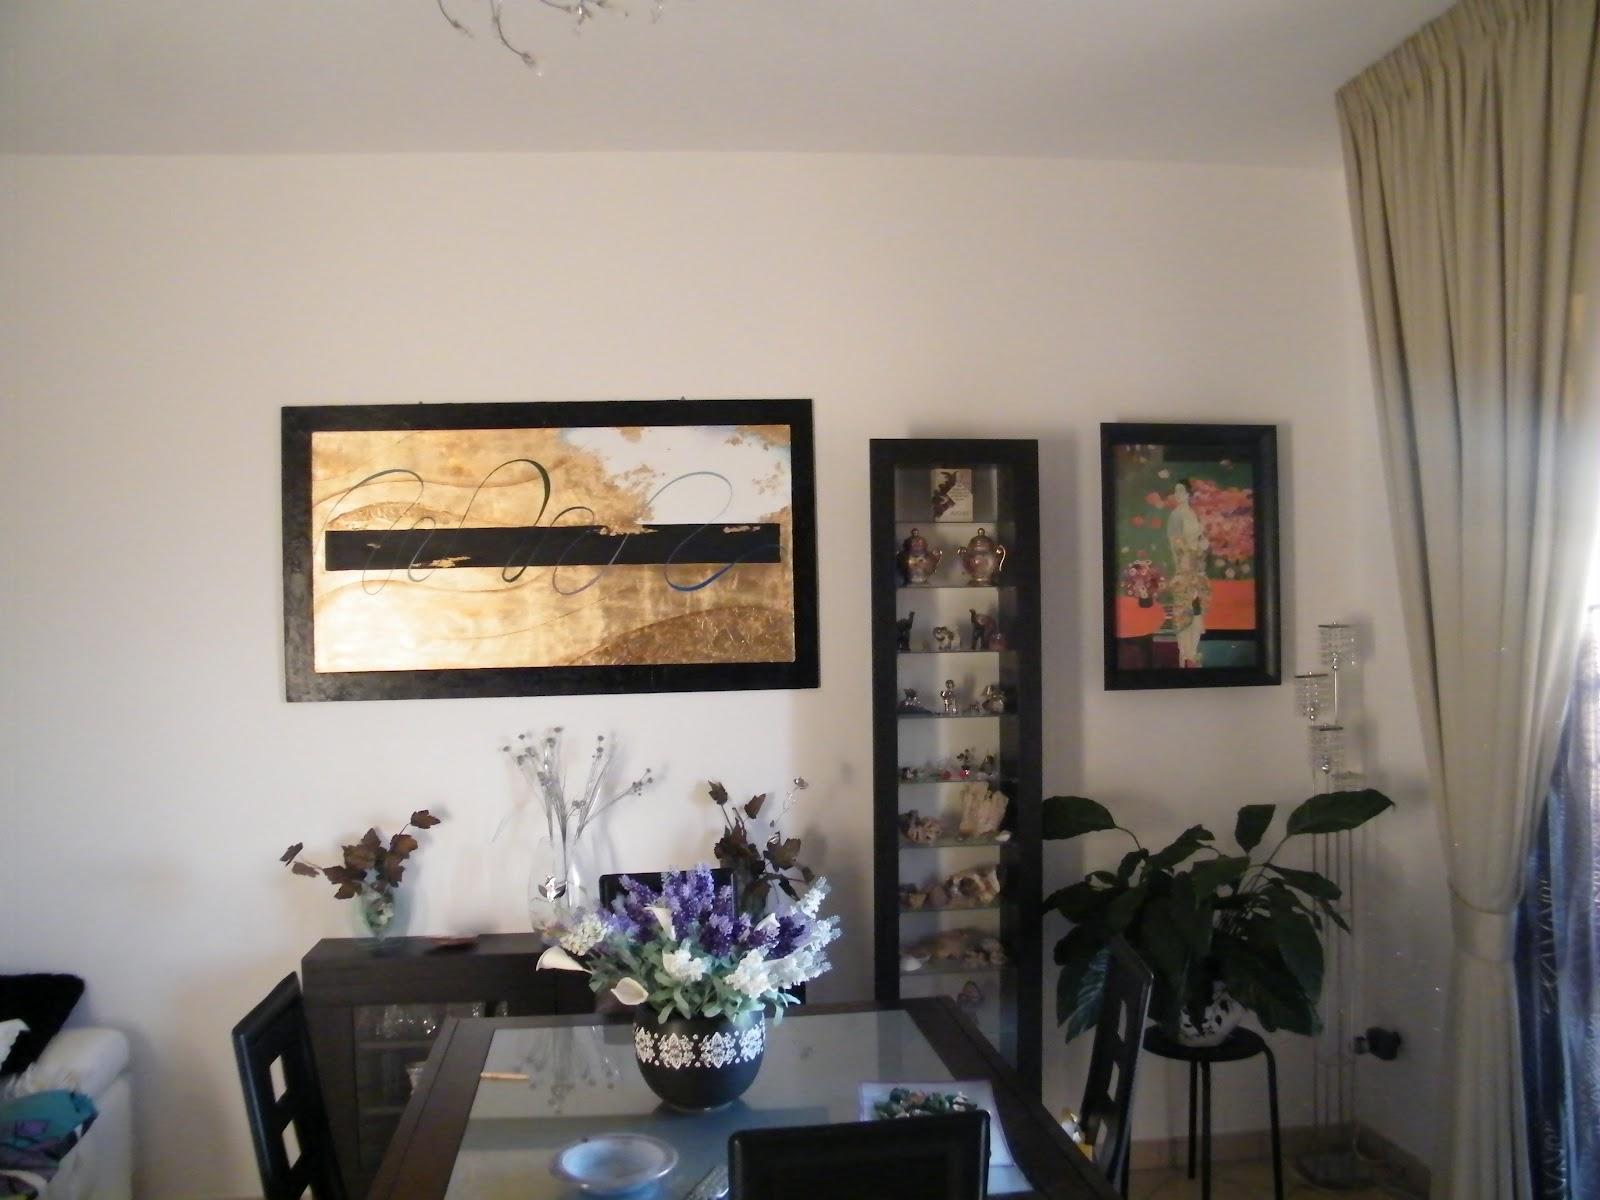 Paoladecoratrice decorazioni d 39 interni ed esterni decorazioni su ed altro quadri - Decorazioni d interni ...